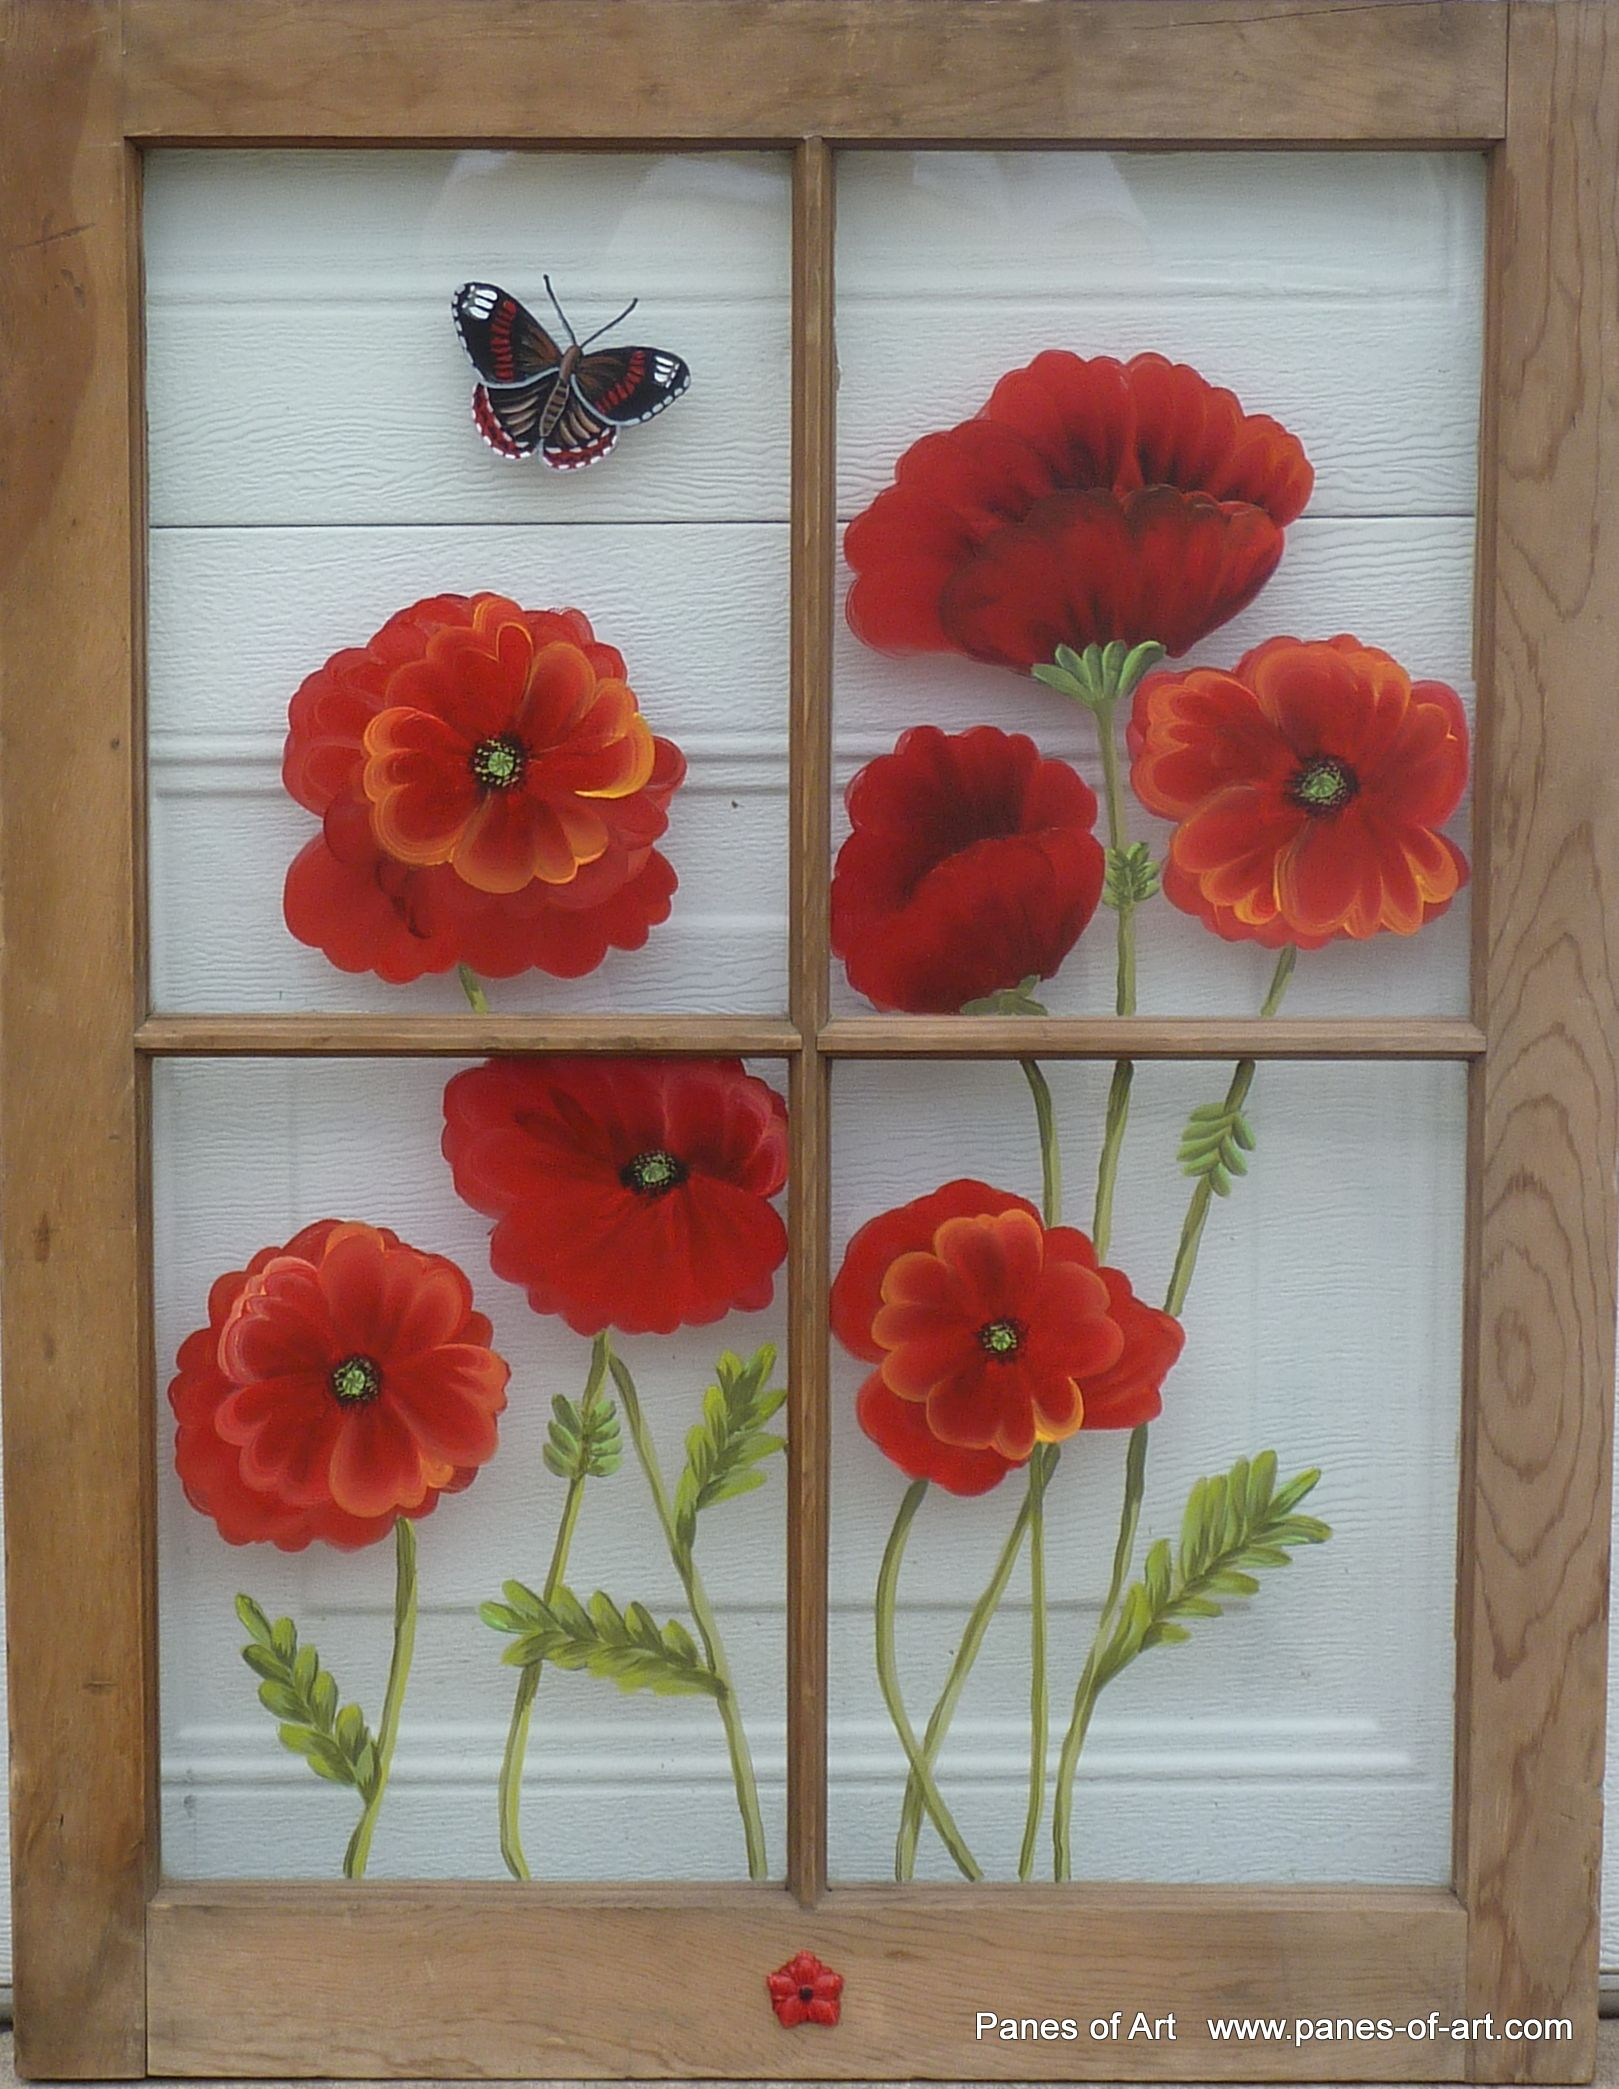 Panes of Art by Michele L. Mueller Window Pane Art www.panes-of-art ...